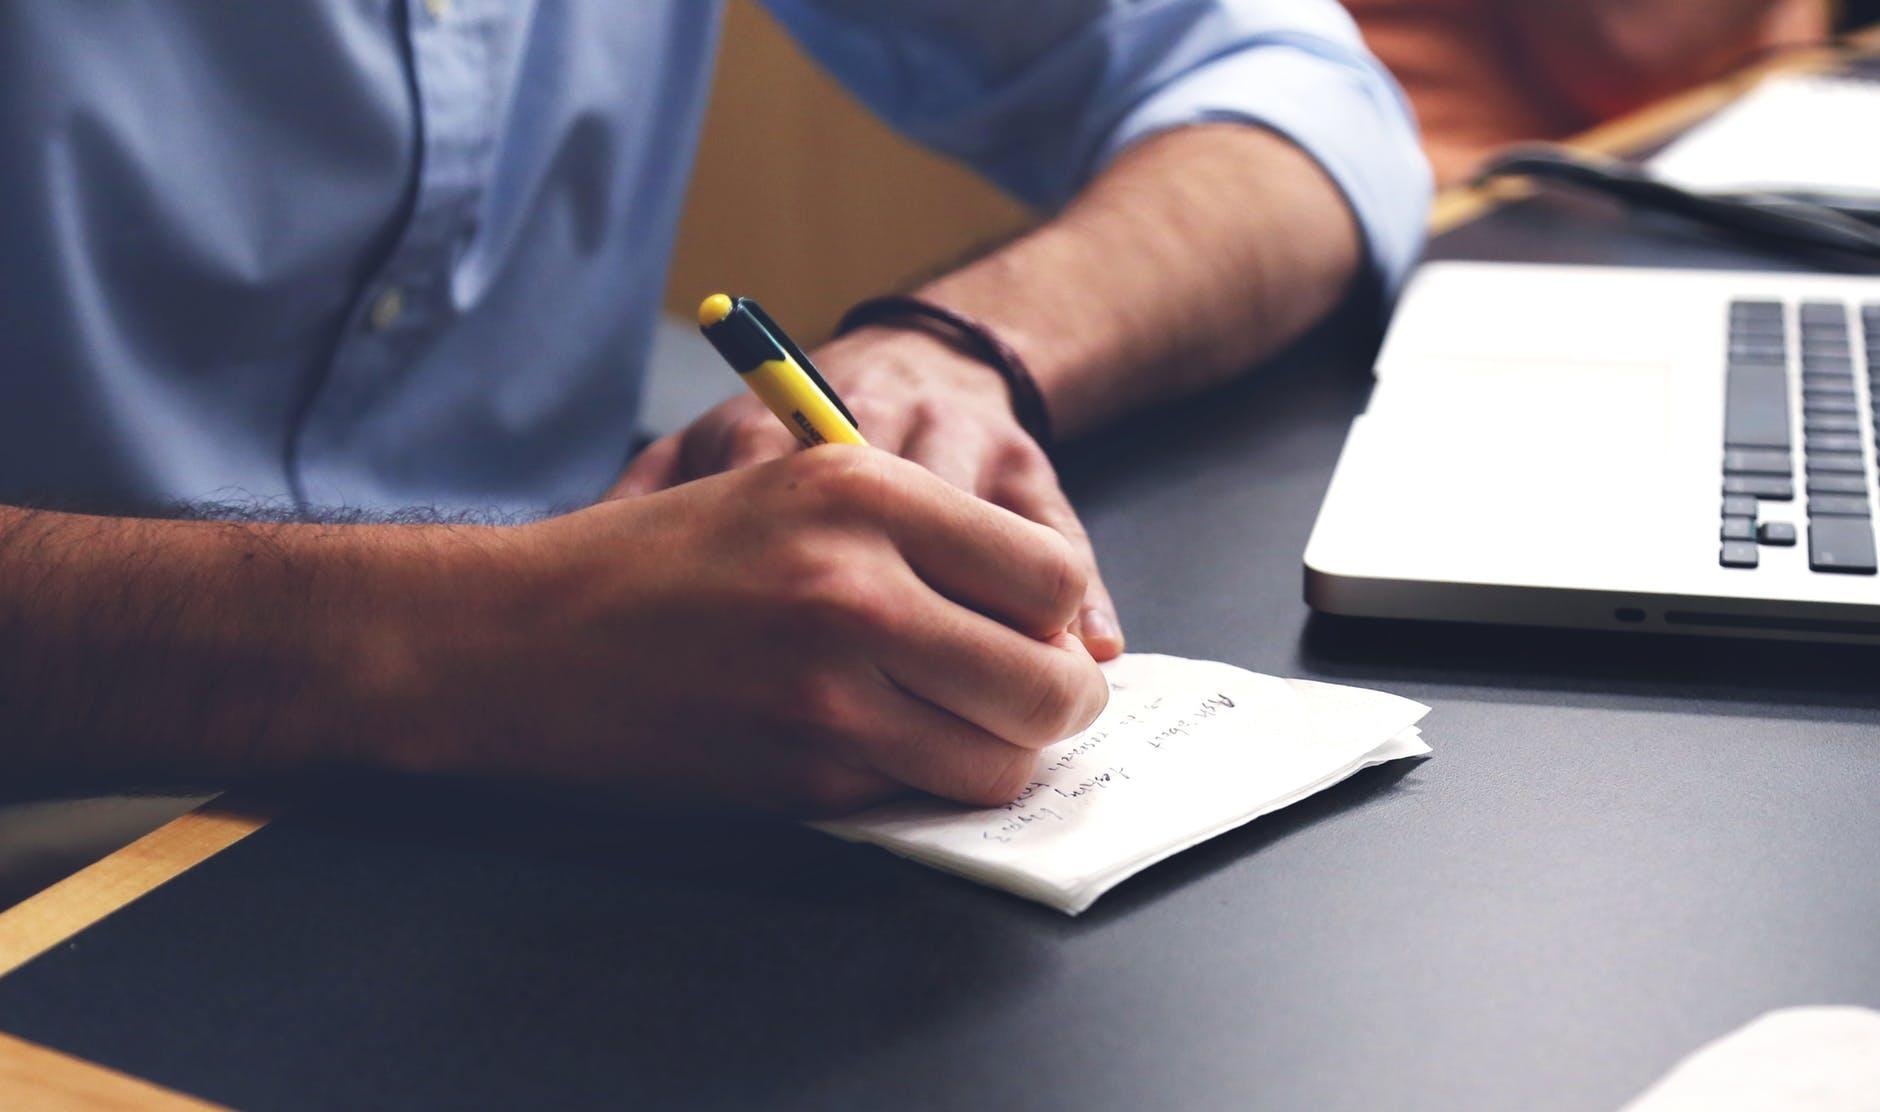 10 dicas para melhorar seu rendimento estudando a distância